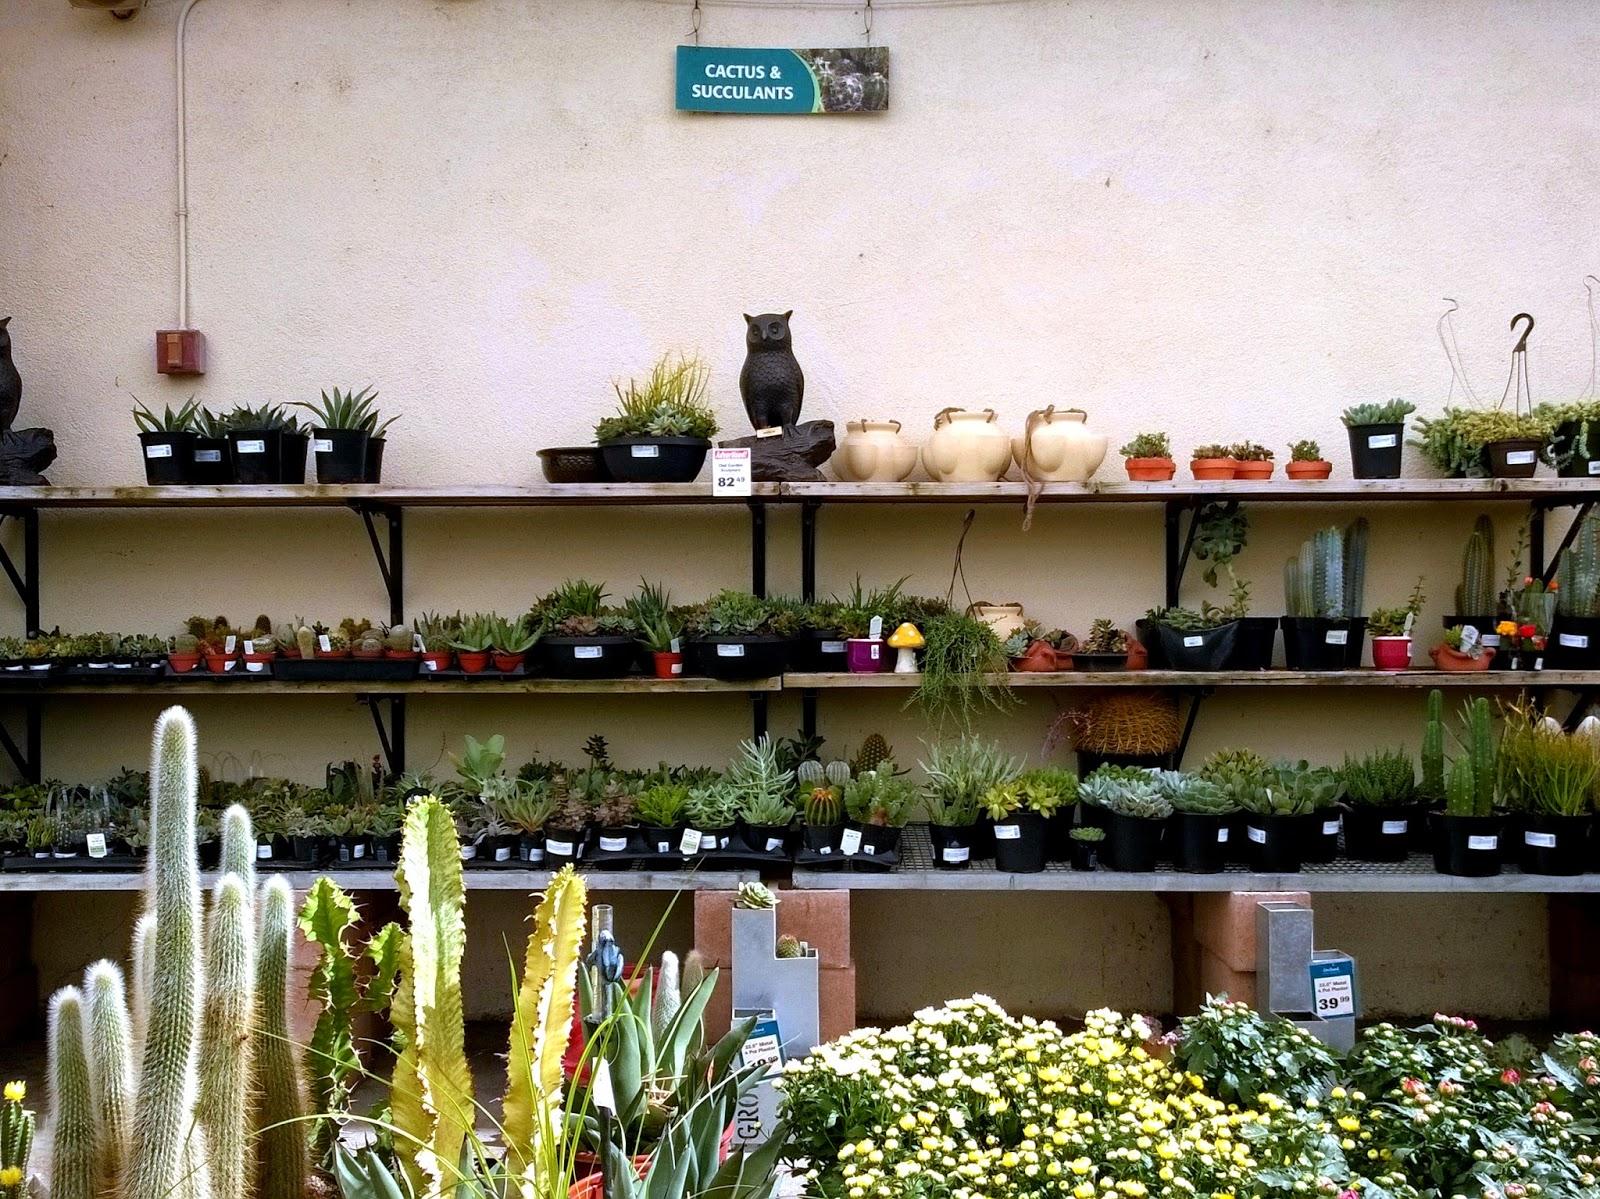 Cactus & Succulants